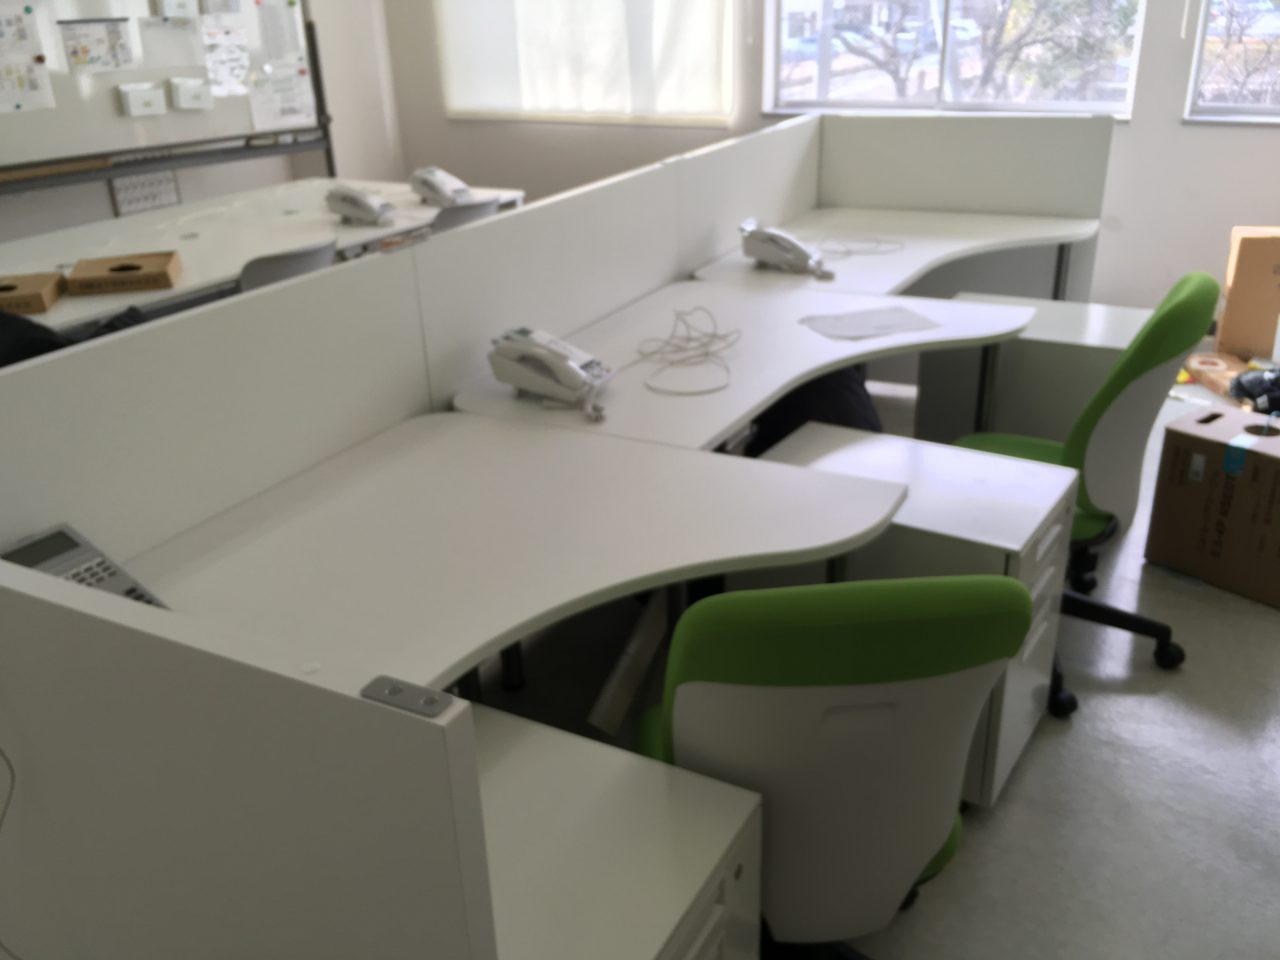 ごちゃごちゃした配線をきれいに、古くなった備品、スペースの有効活用、いろんな課題を「オフィスレイアウト設計」で解決